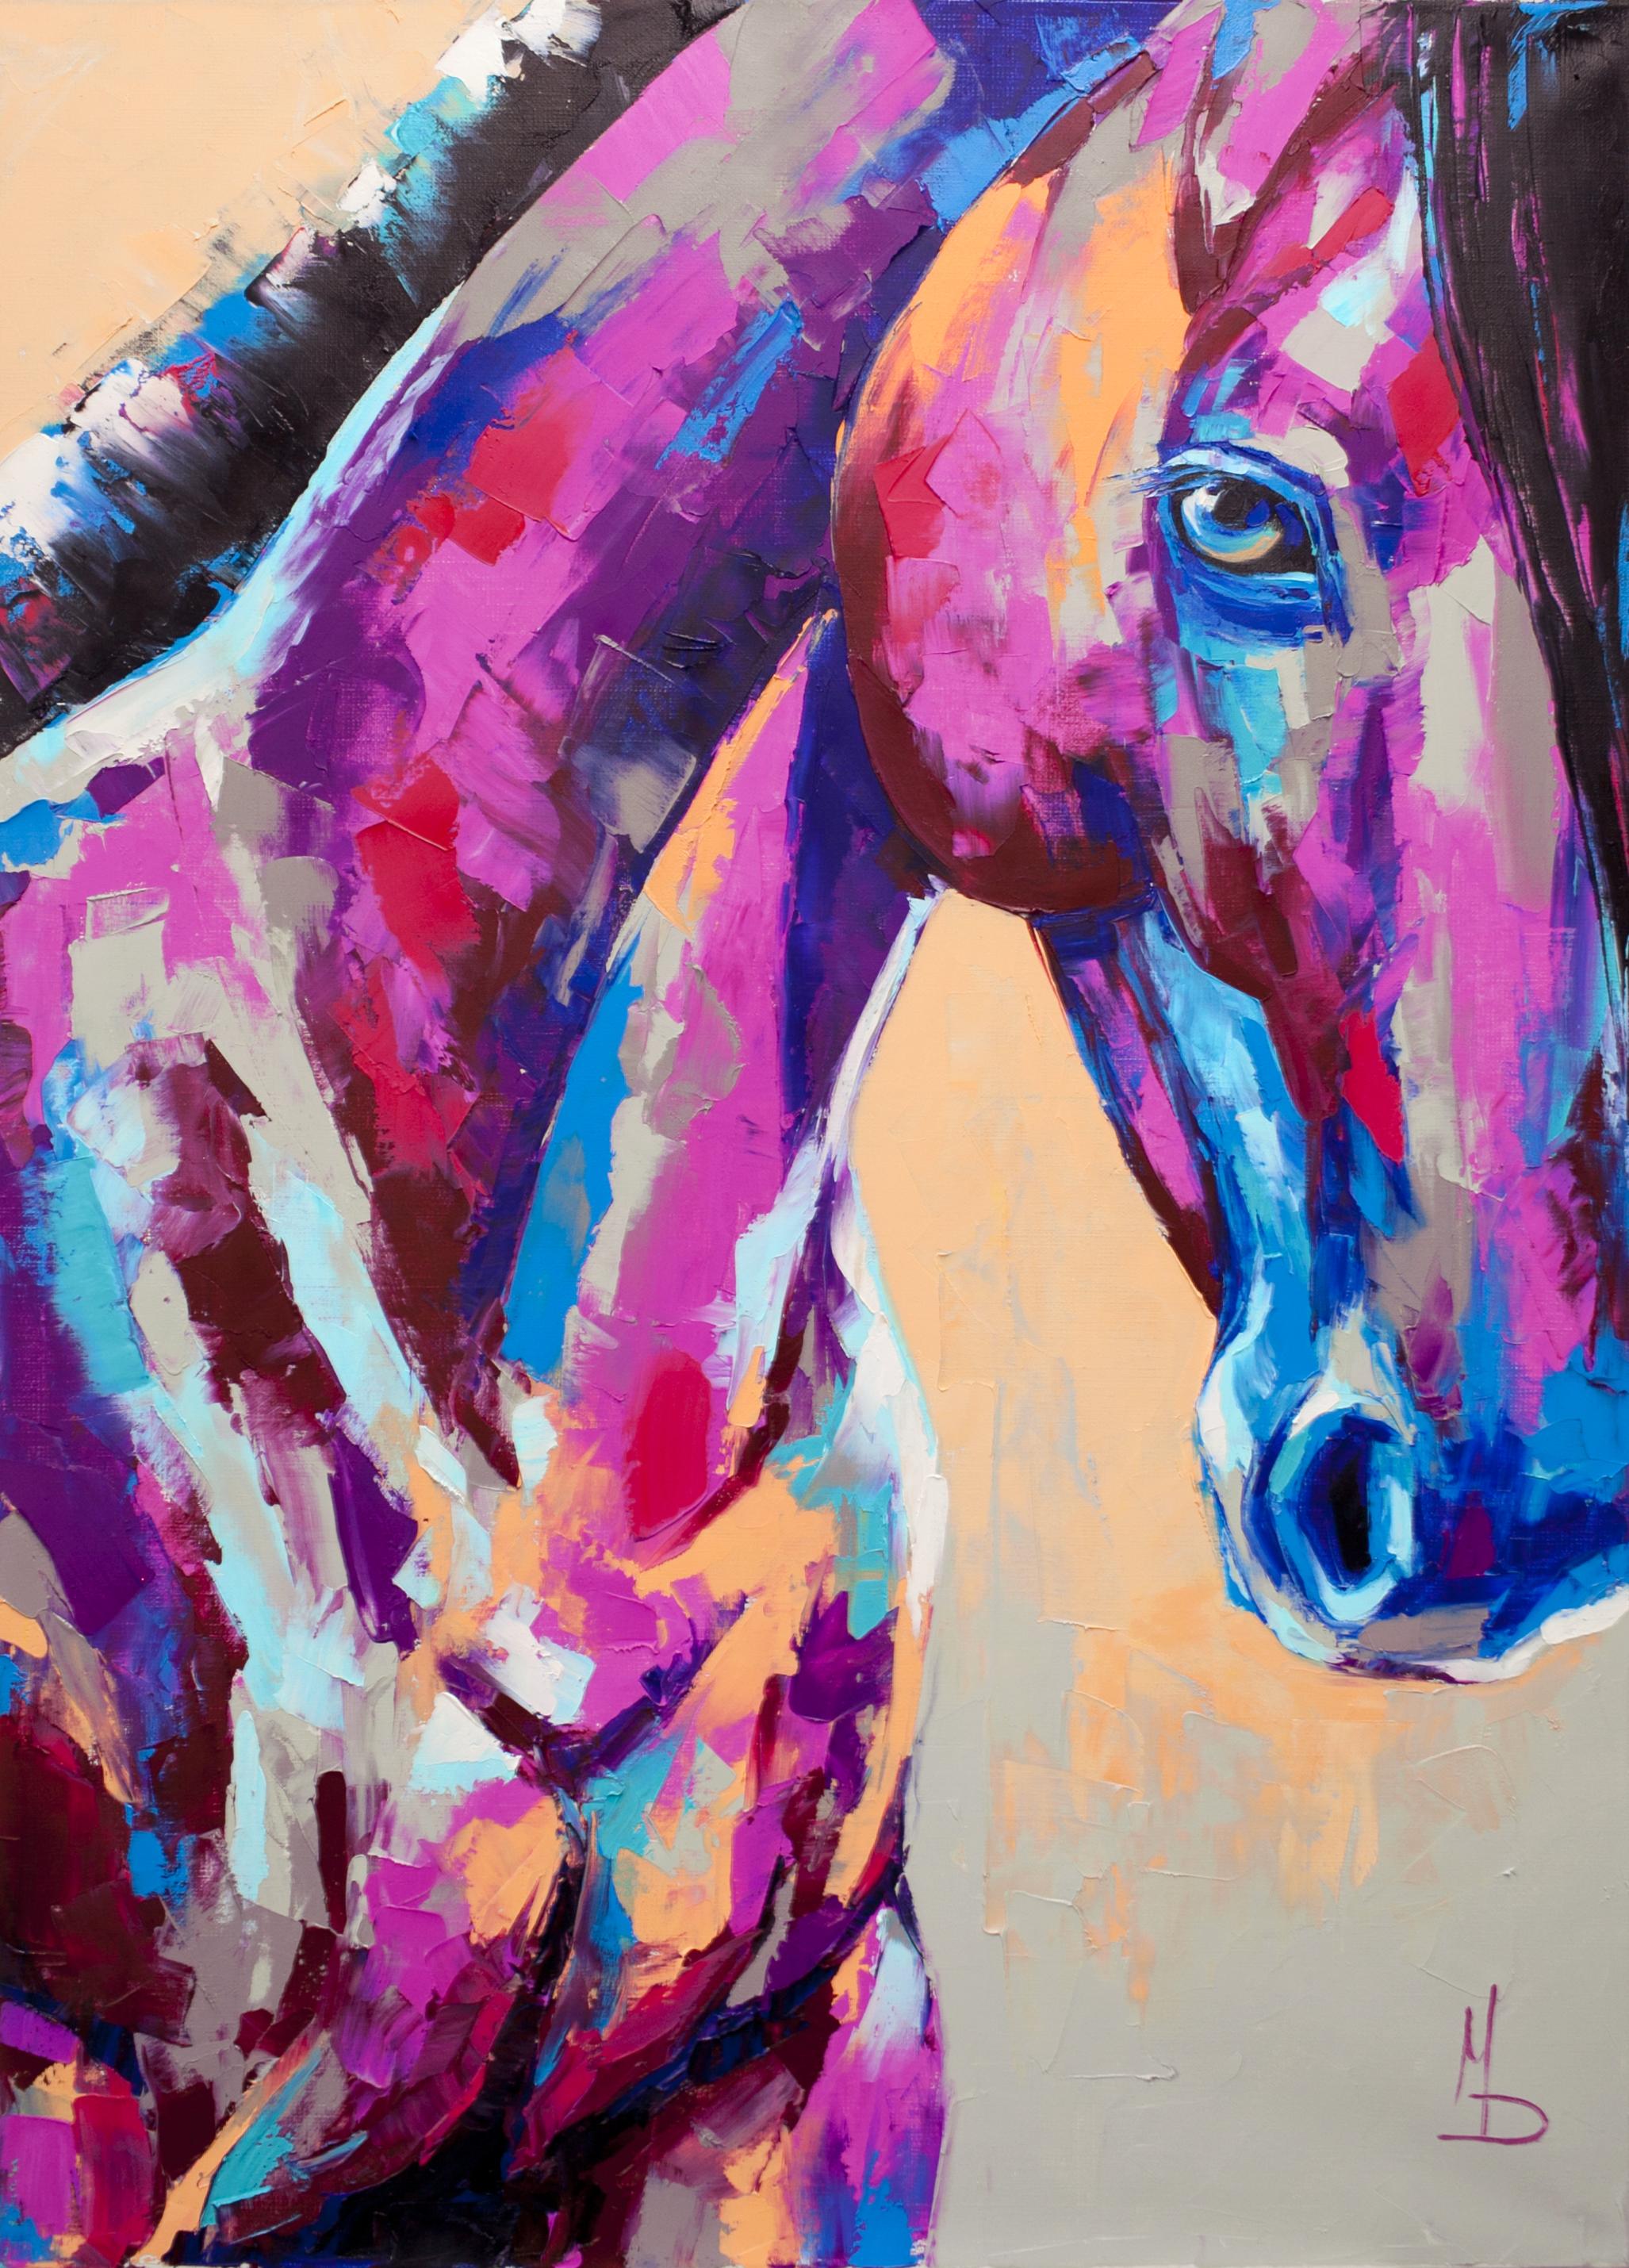 голова коня / horse head